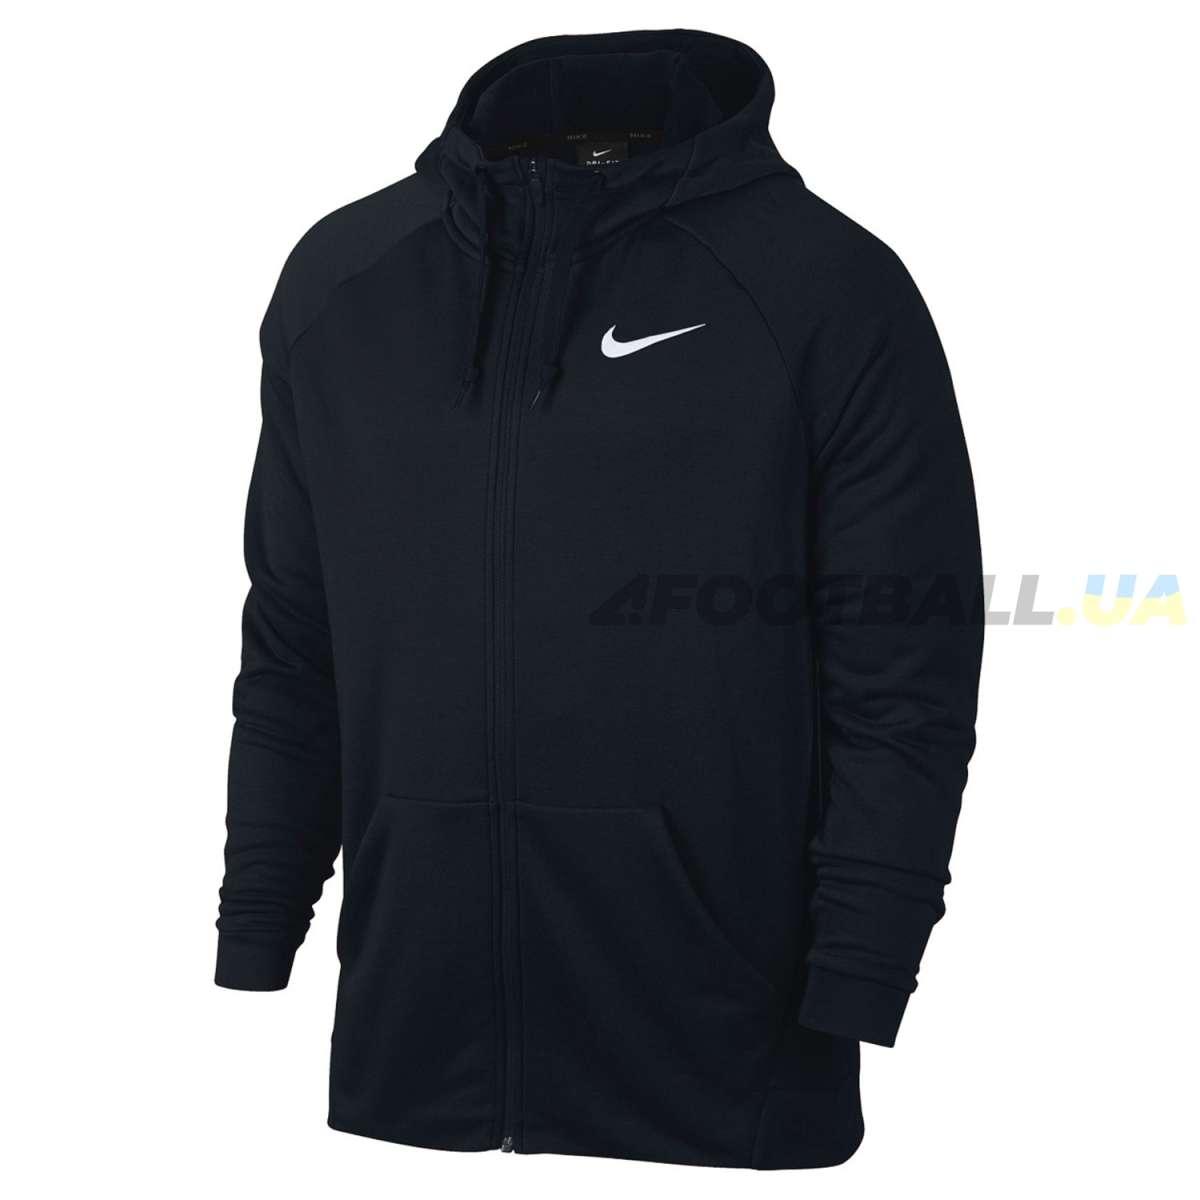 8231a750057c Легкое тонкое худи на молнии Nike Training Dri-FIT 860465-010   100%  Полиестер